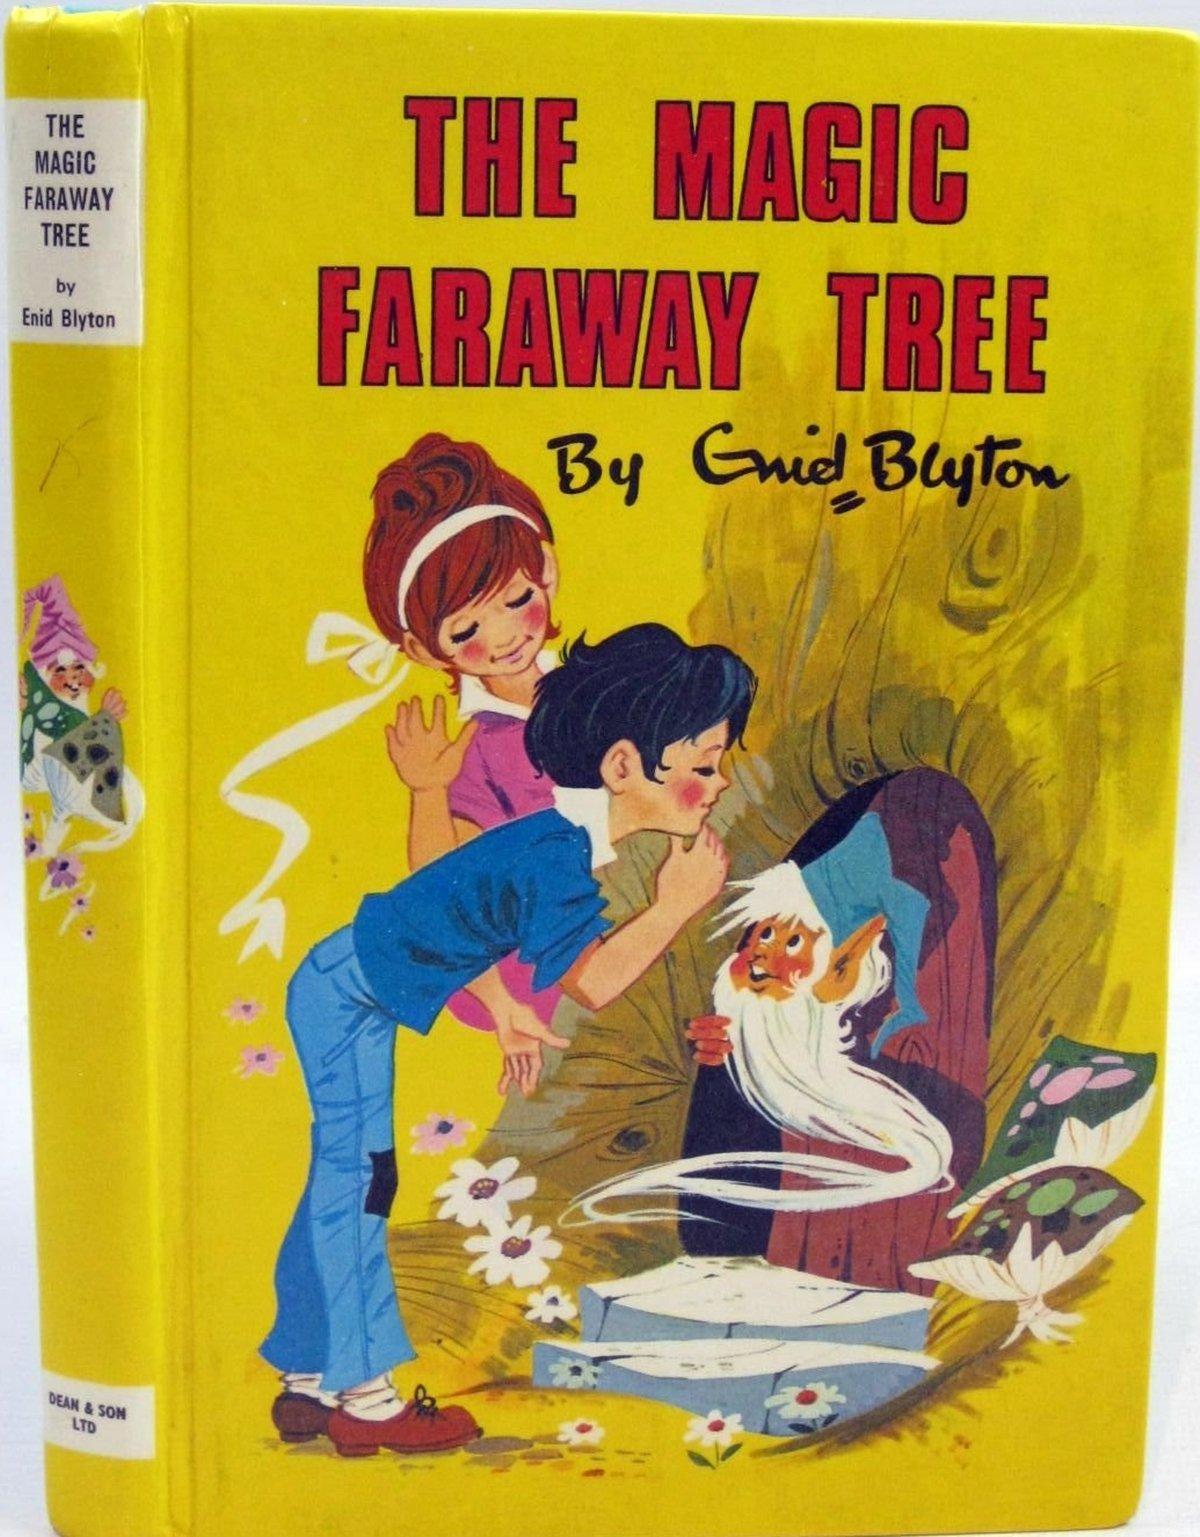 7 13 12 Enid Blyton Books We Loved Reading As Children